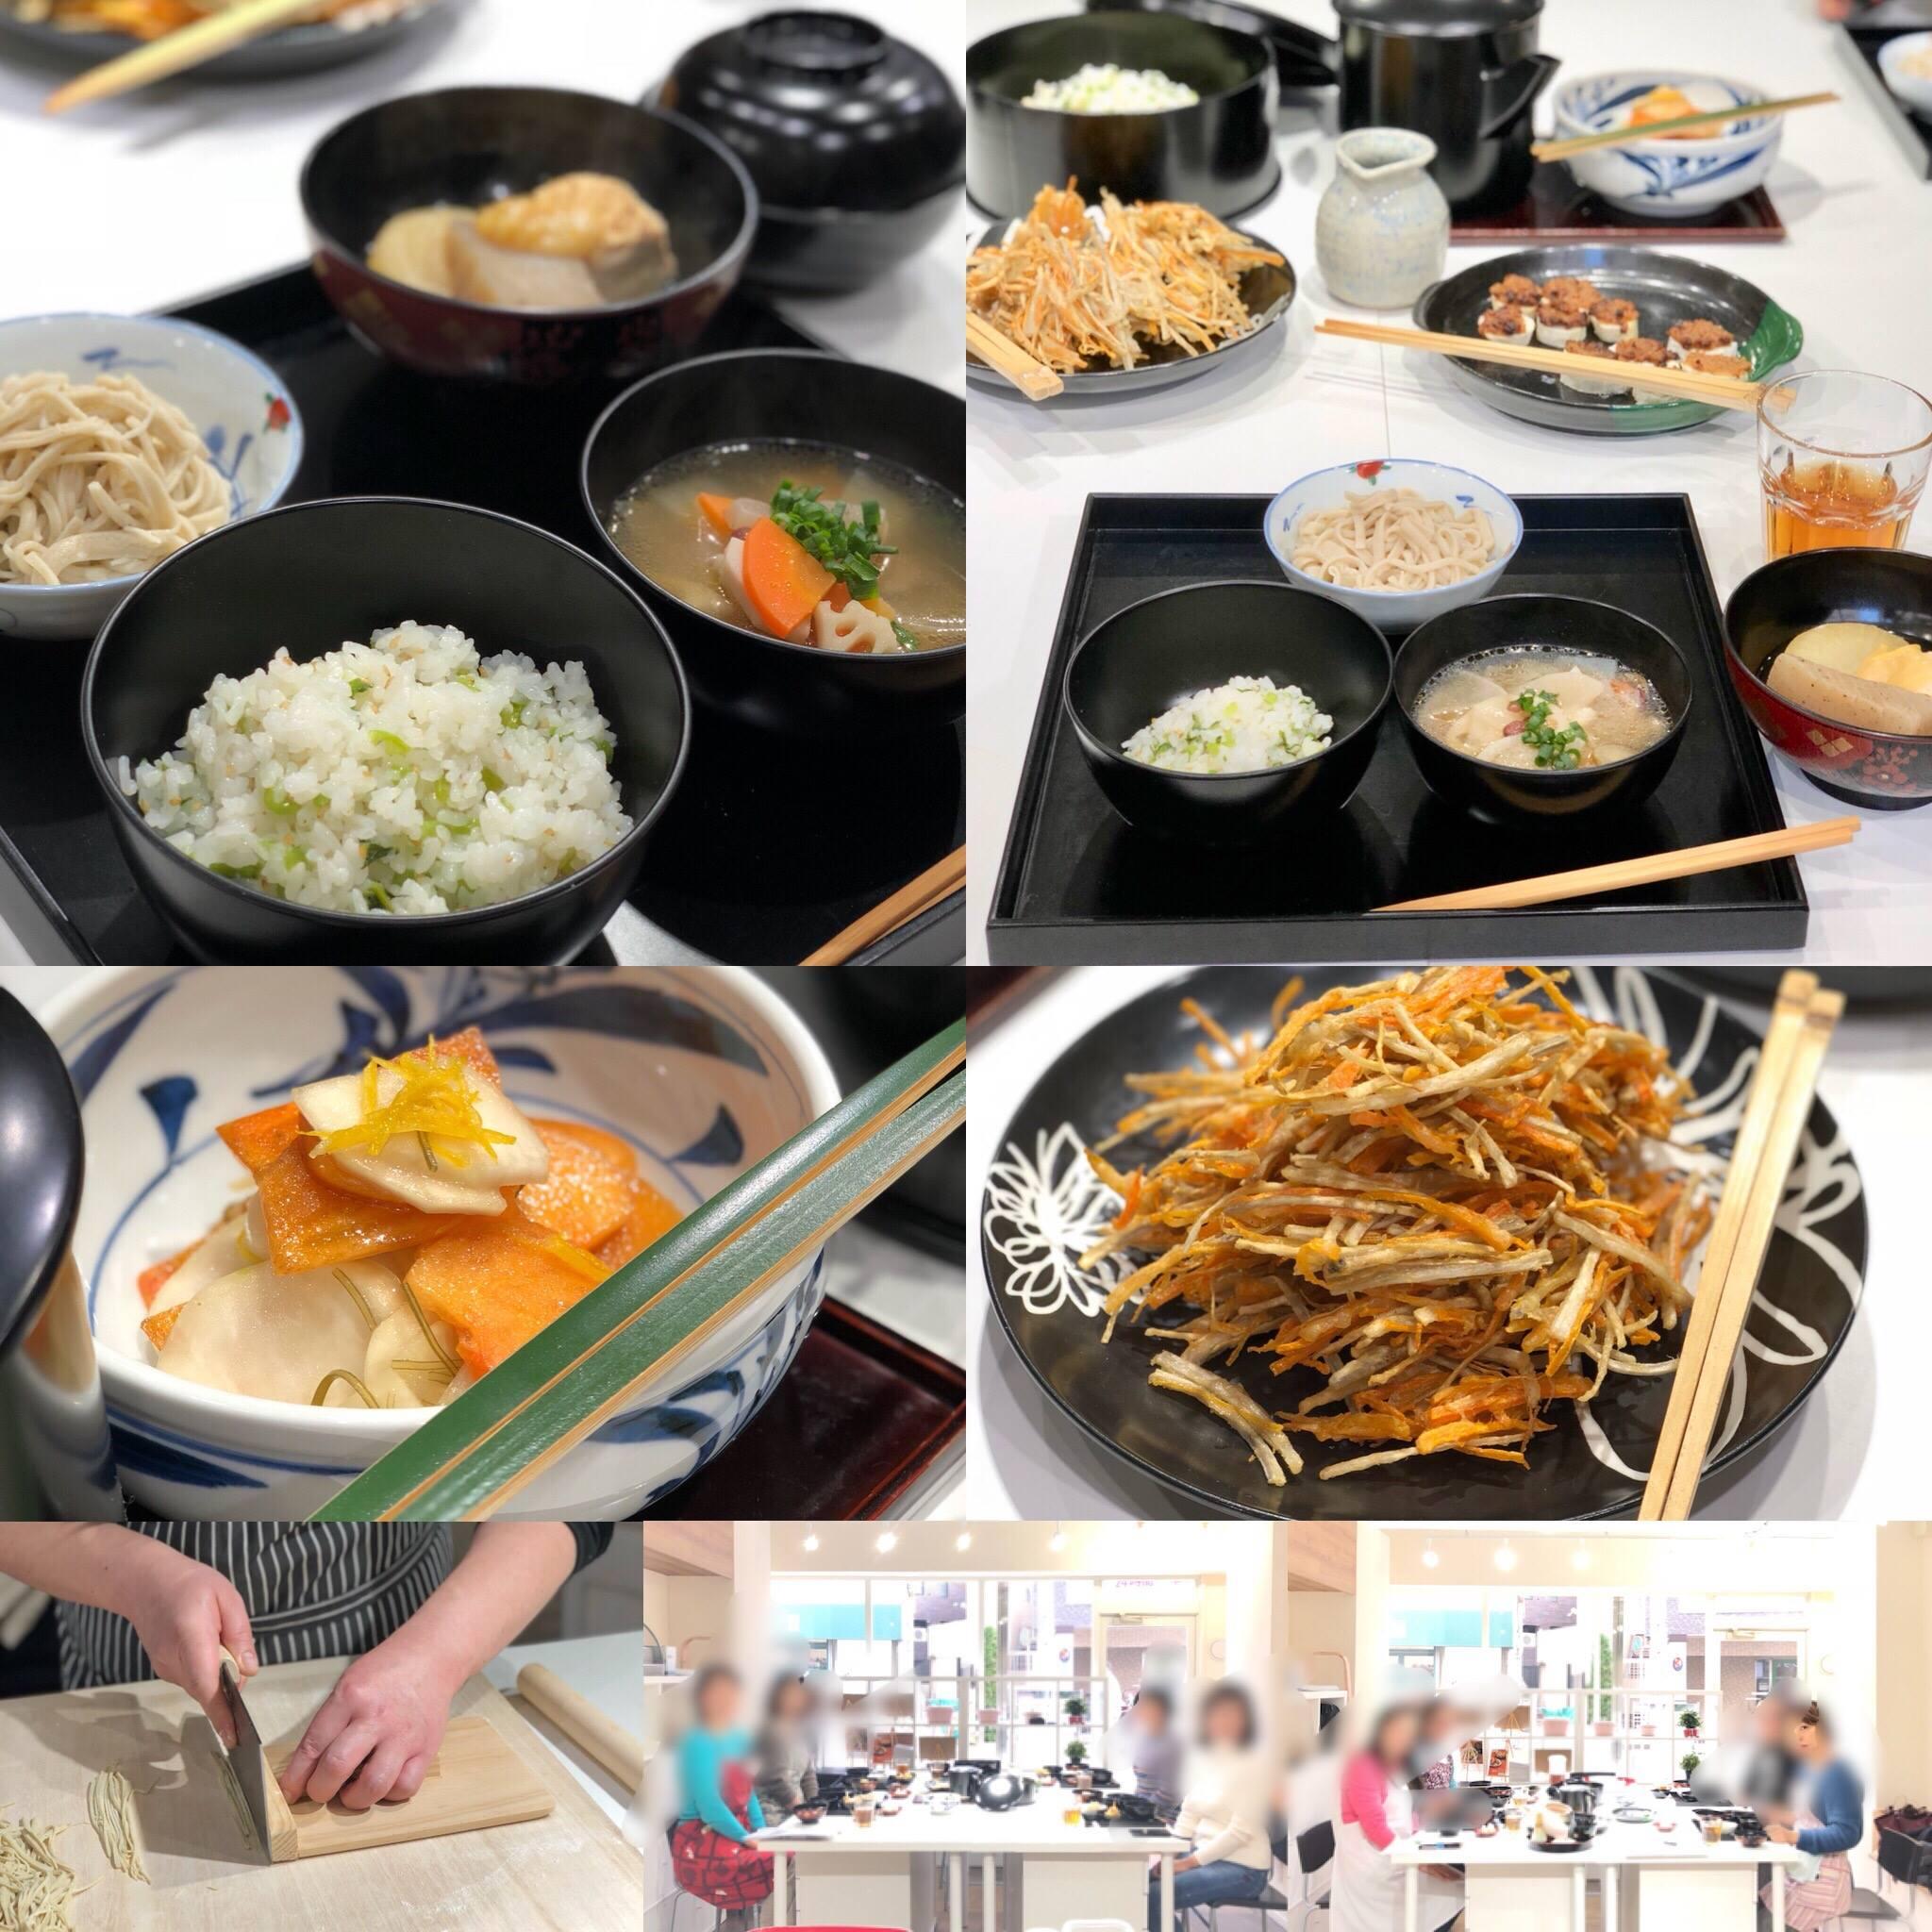 (和ごはん研究会)-活動報告-「茶懐石精進料理教室」開催しました!